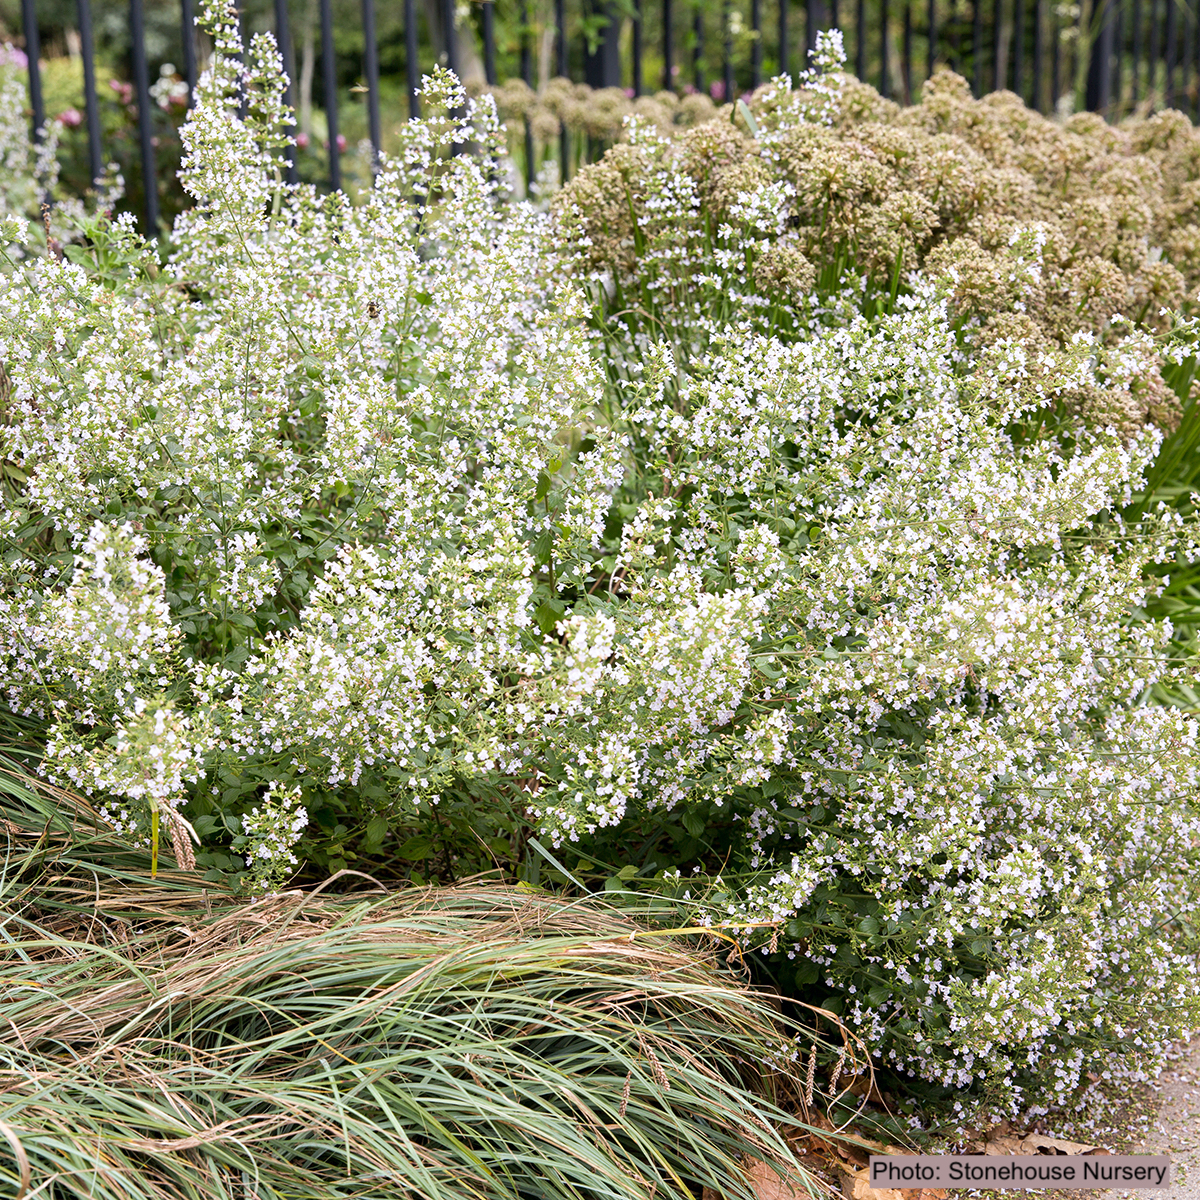 Calament népéta à petites fleurs blanches